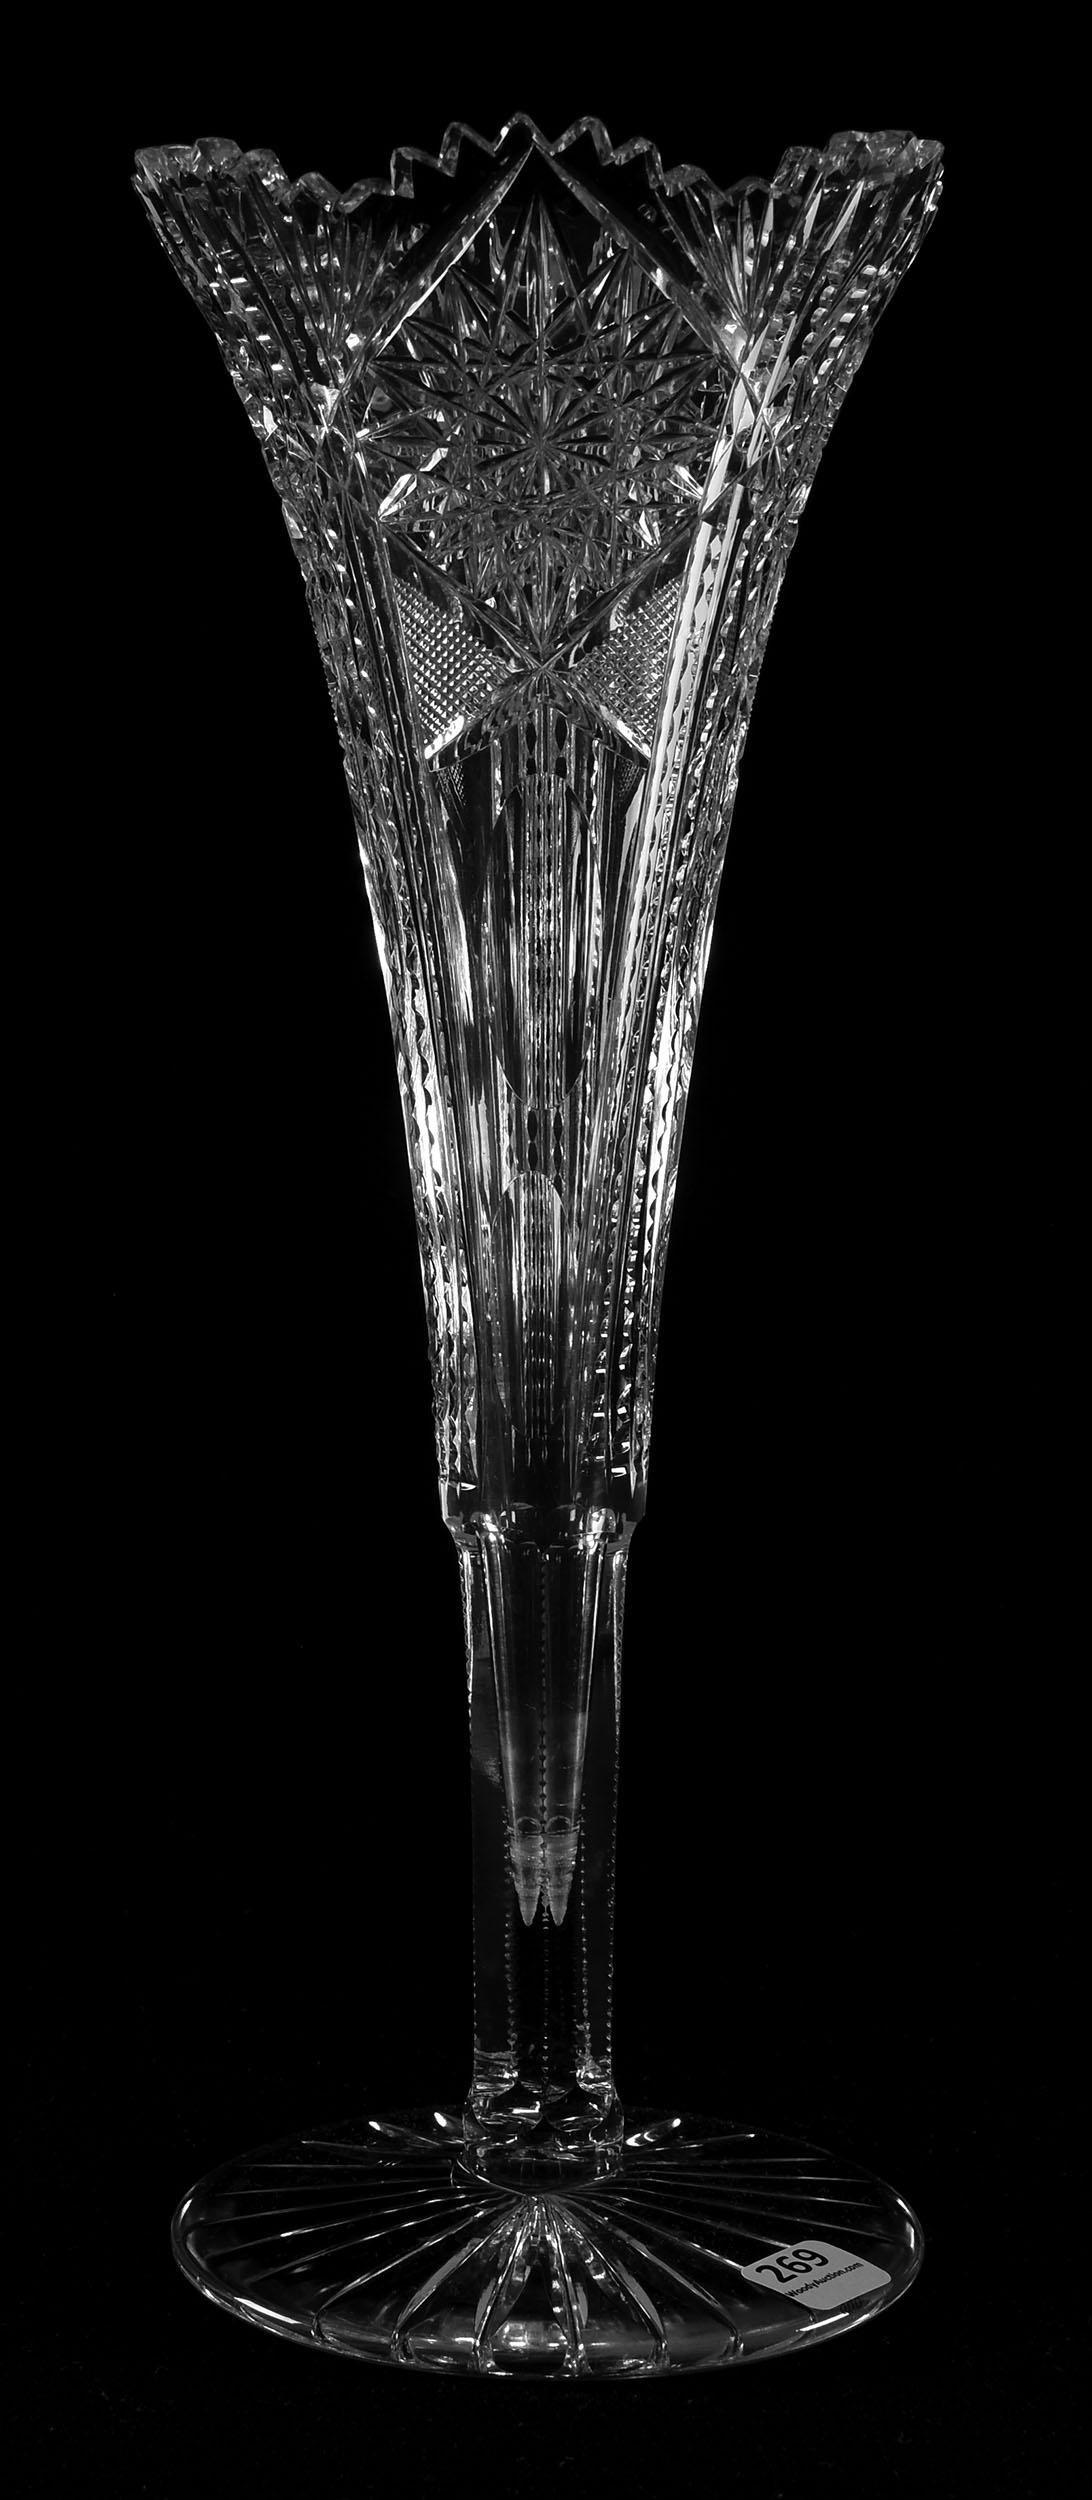 Vase, Design HF-193 by Val St. Lambert